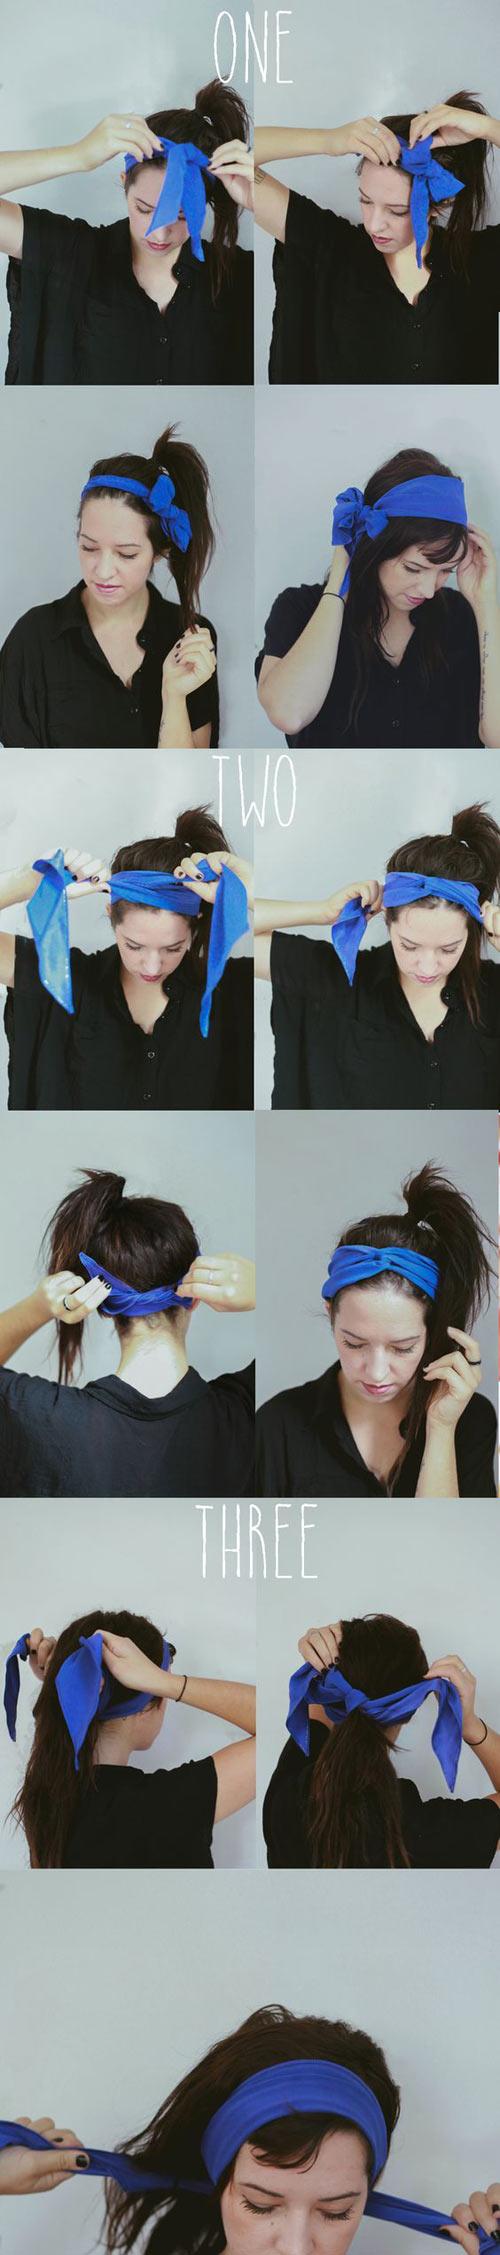 Biến tấu cho tóc đẹp quên sầu chỉ bằng 1 chiếc khăn-2